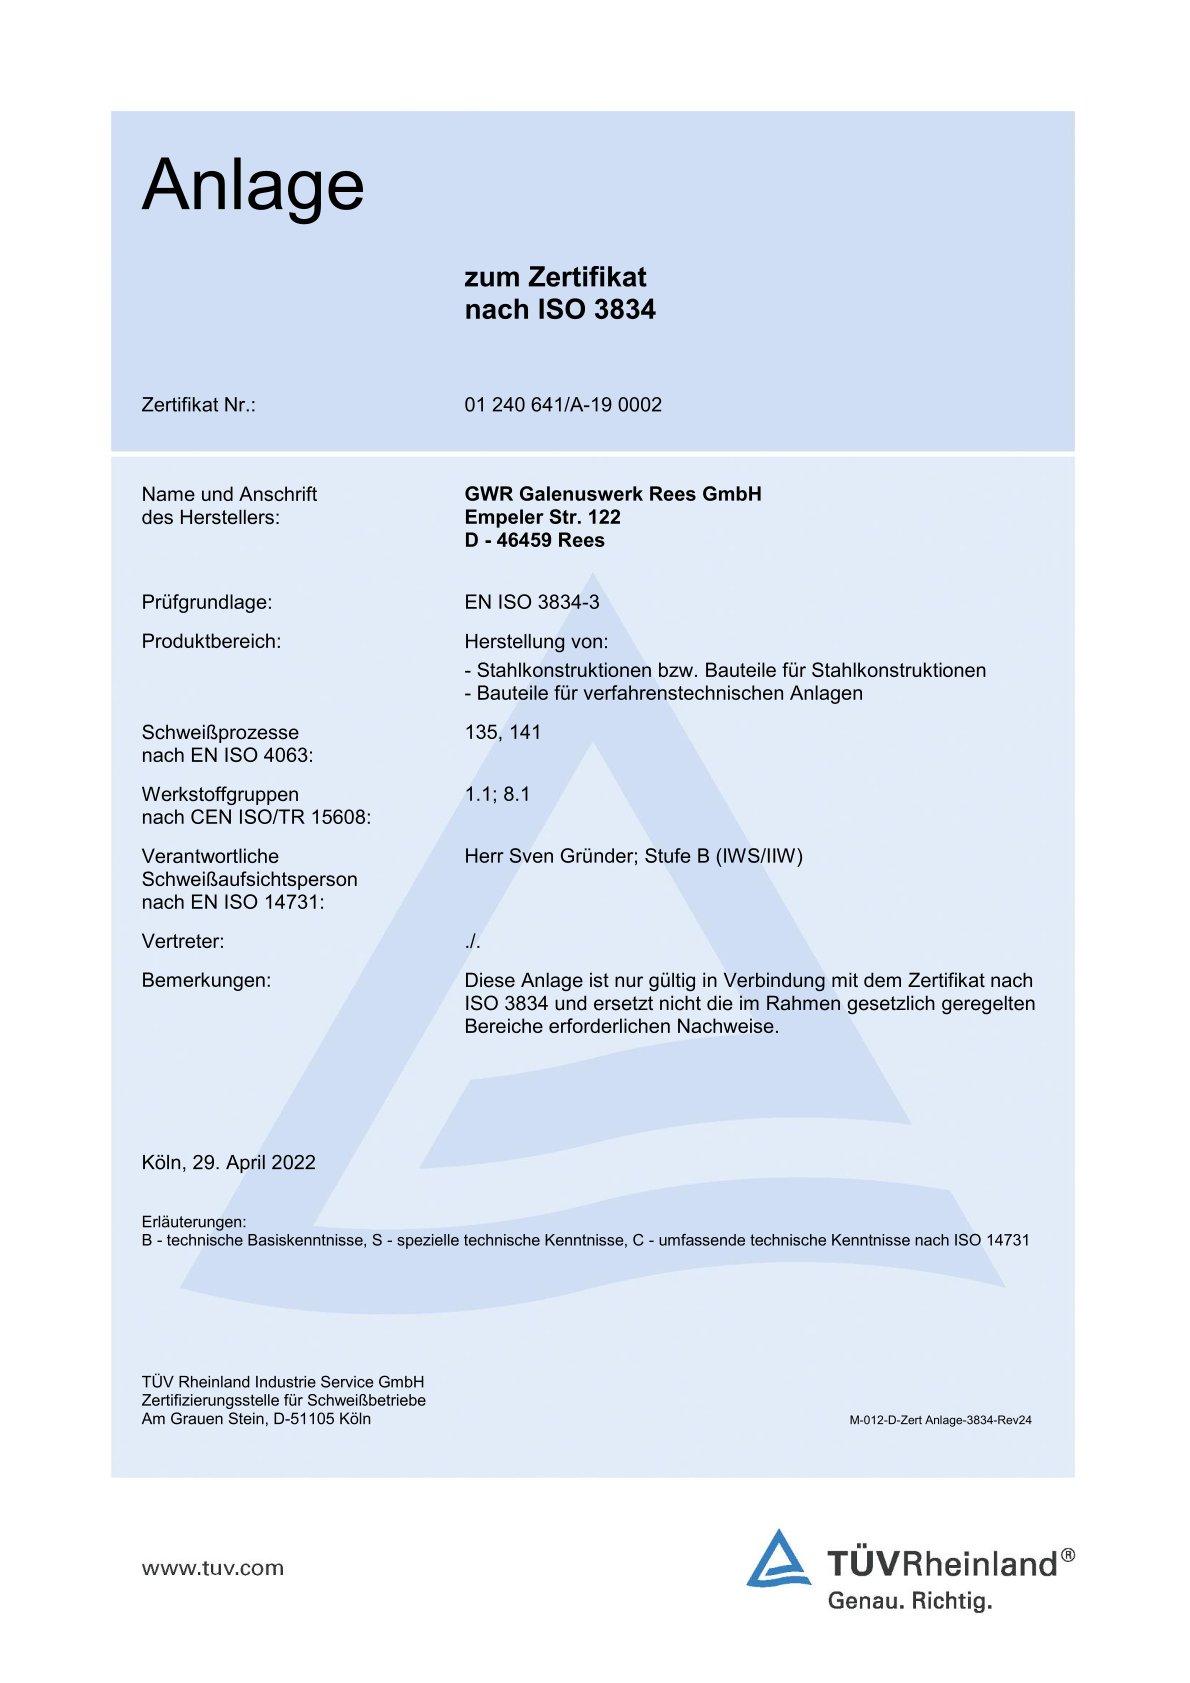 Zertifikat zur Überprüfung der schweißtechnischen Qualitätsanforderung durch den TÜV.